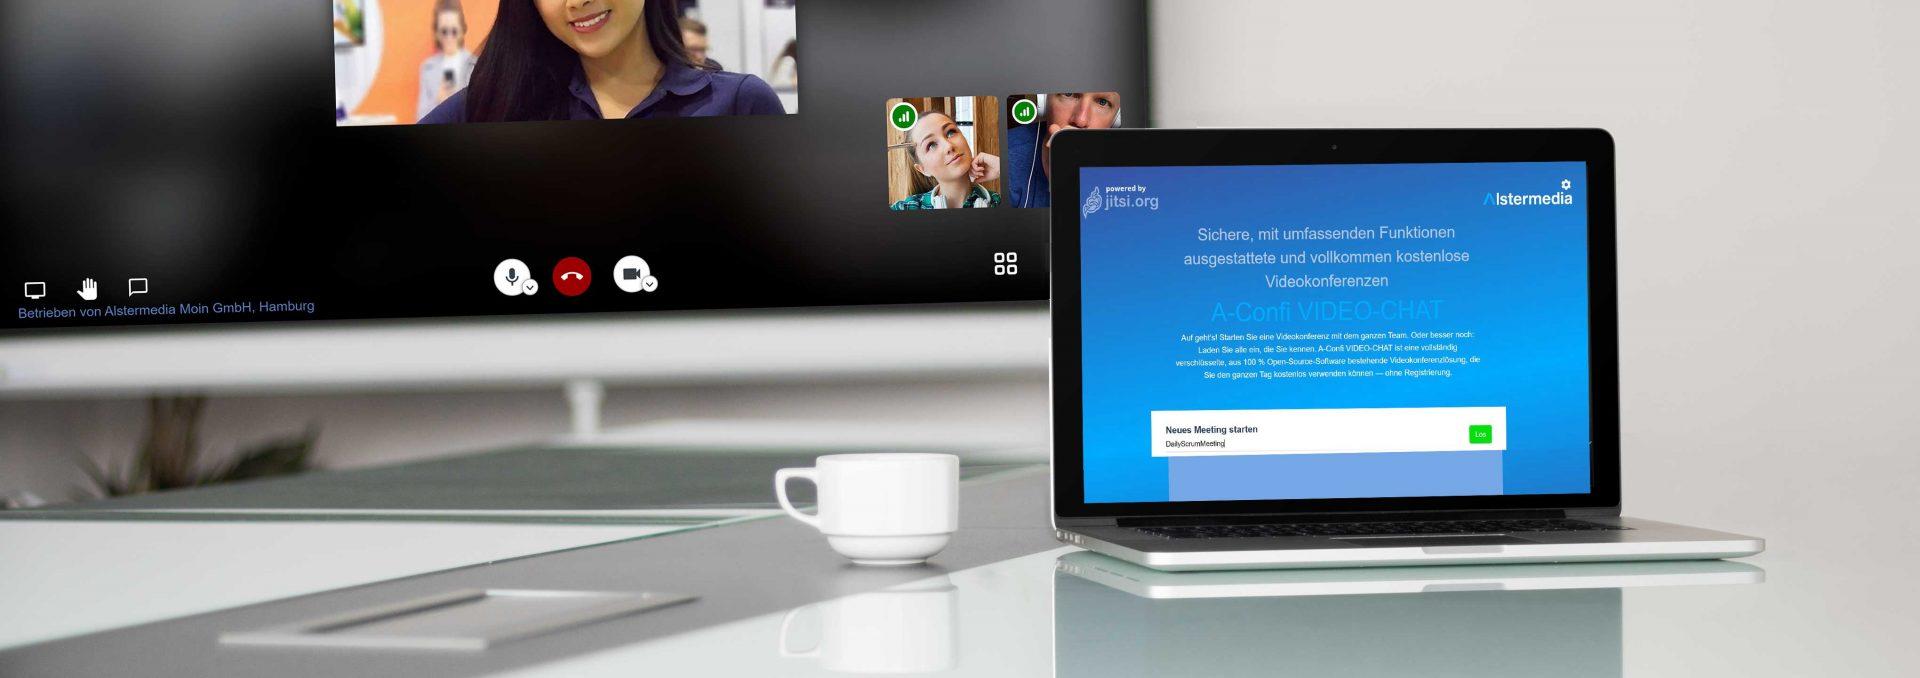 A-Confi Videoconferencing